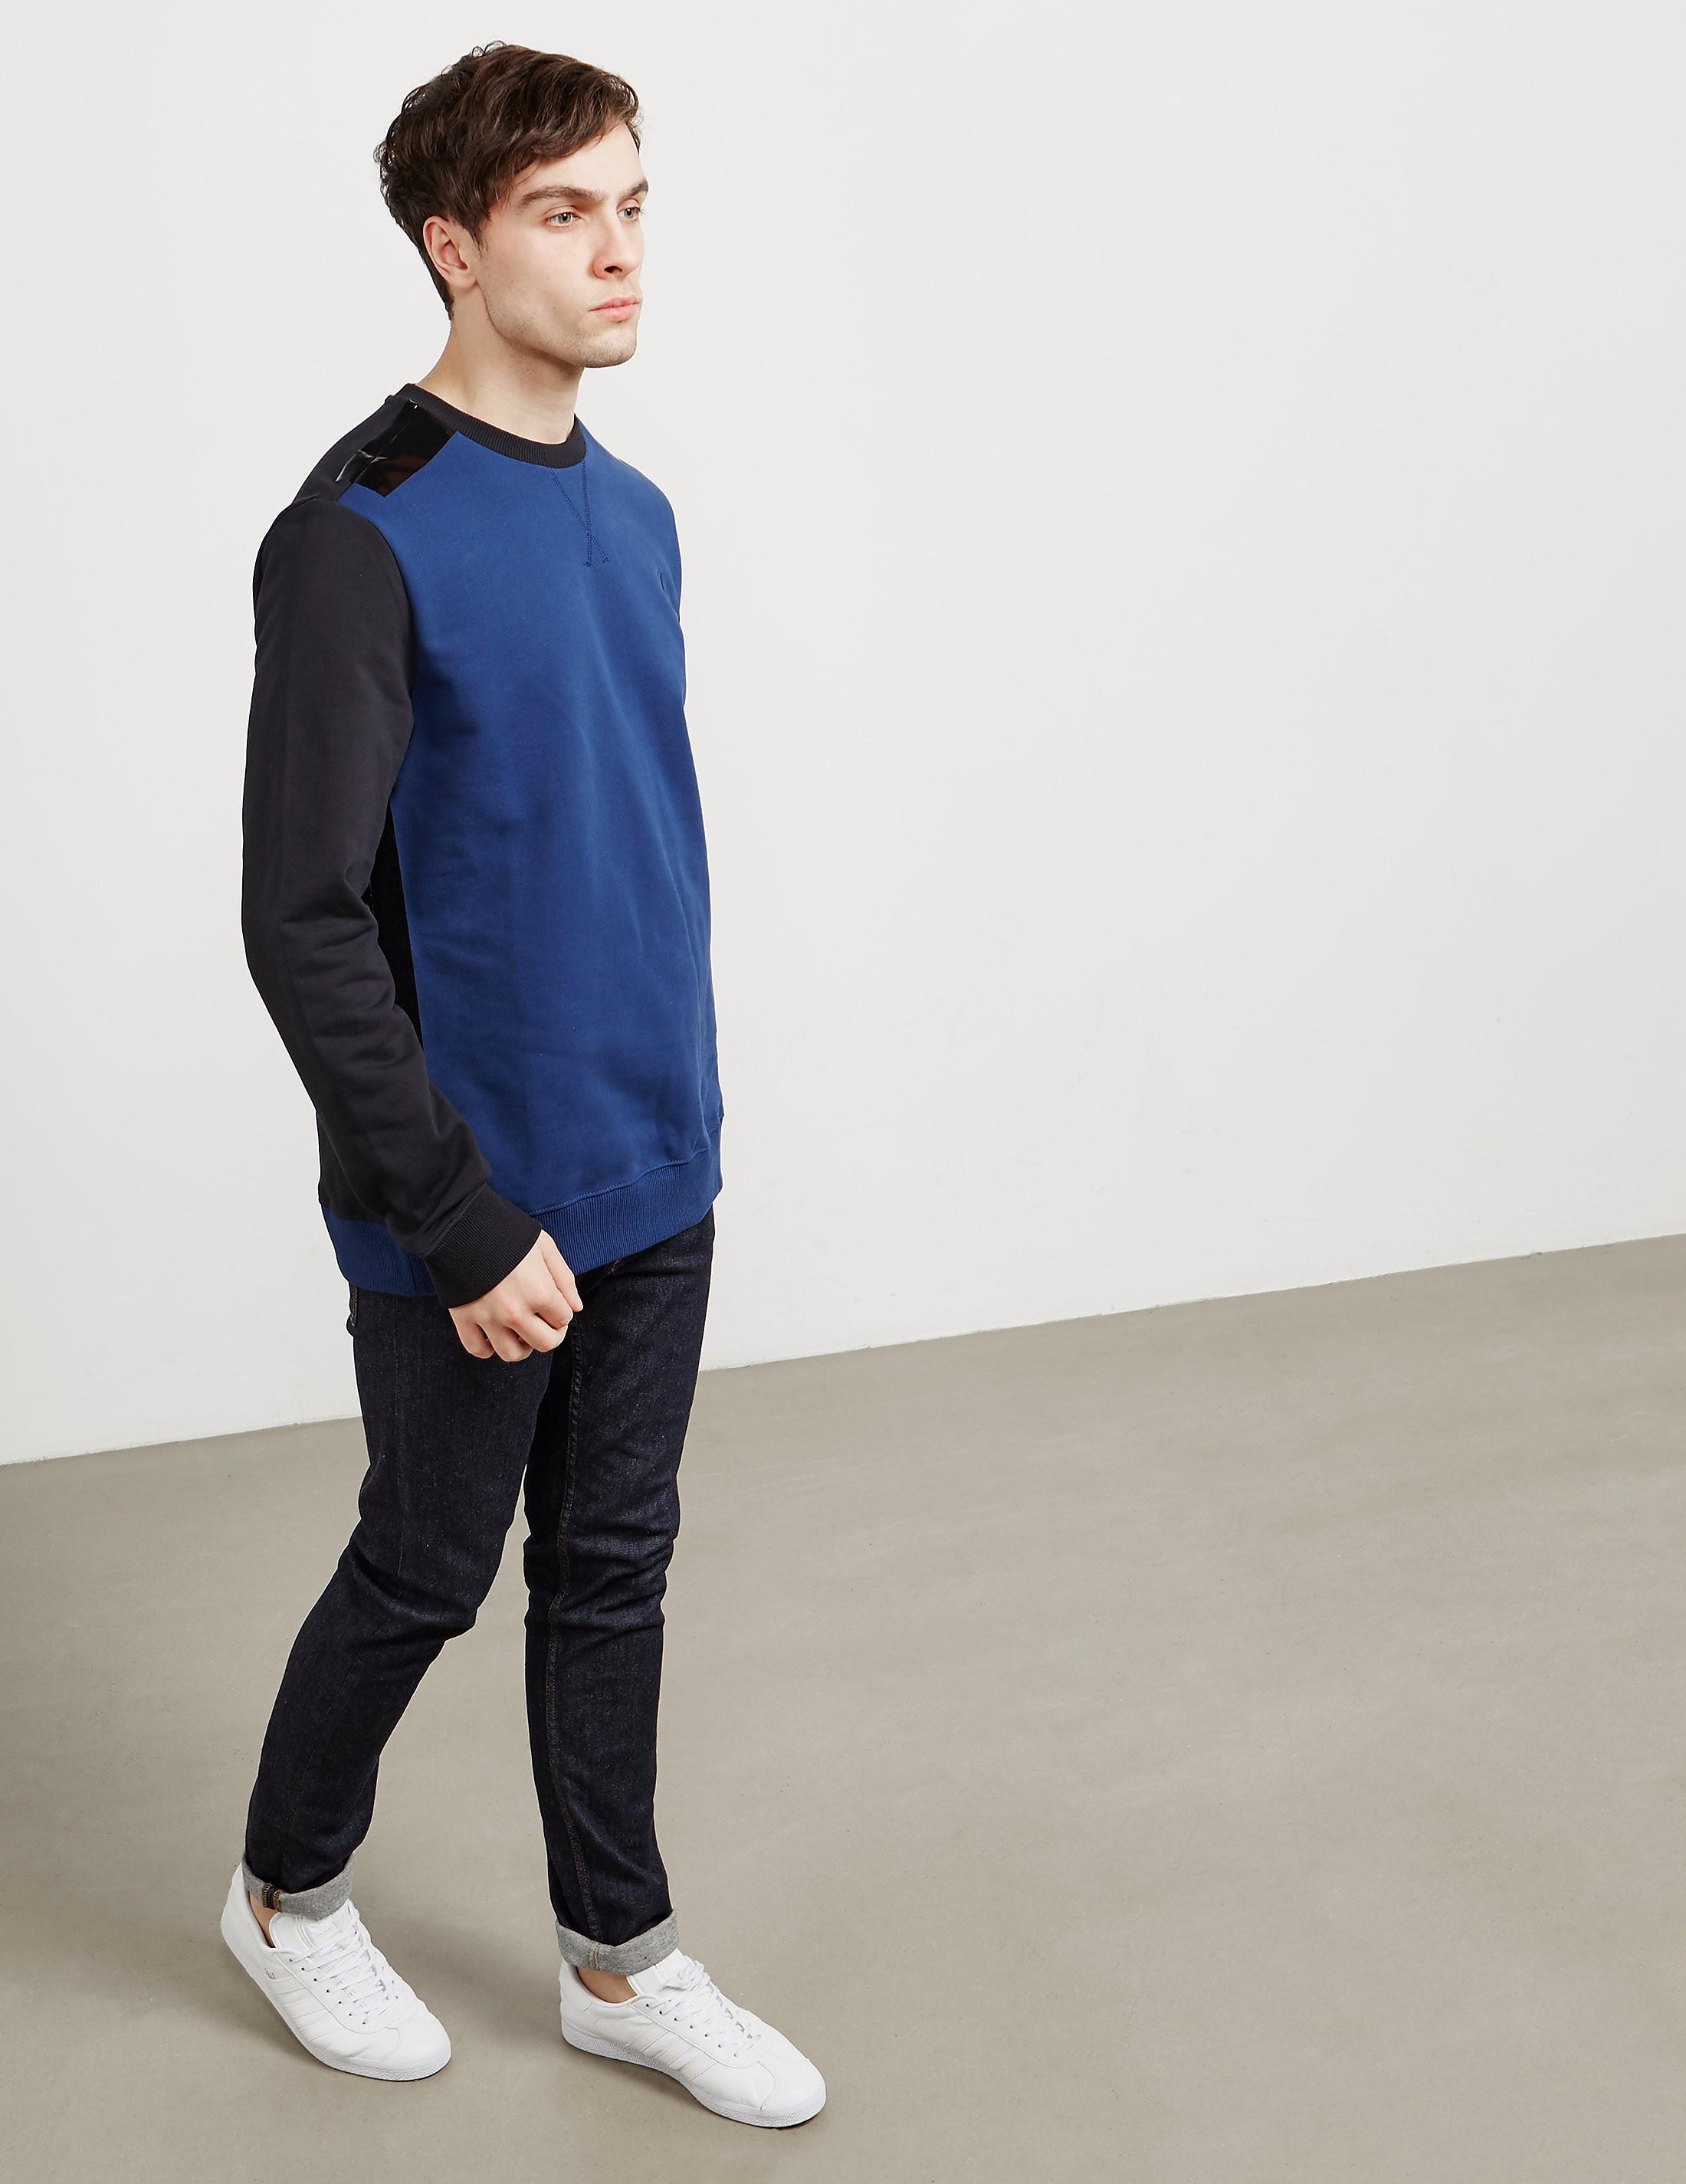 Fred Perry x Raf Simons Tape Sweatshirt